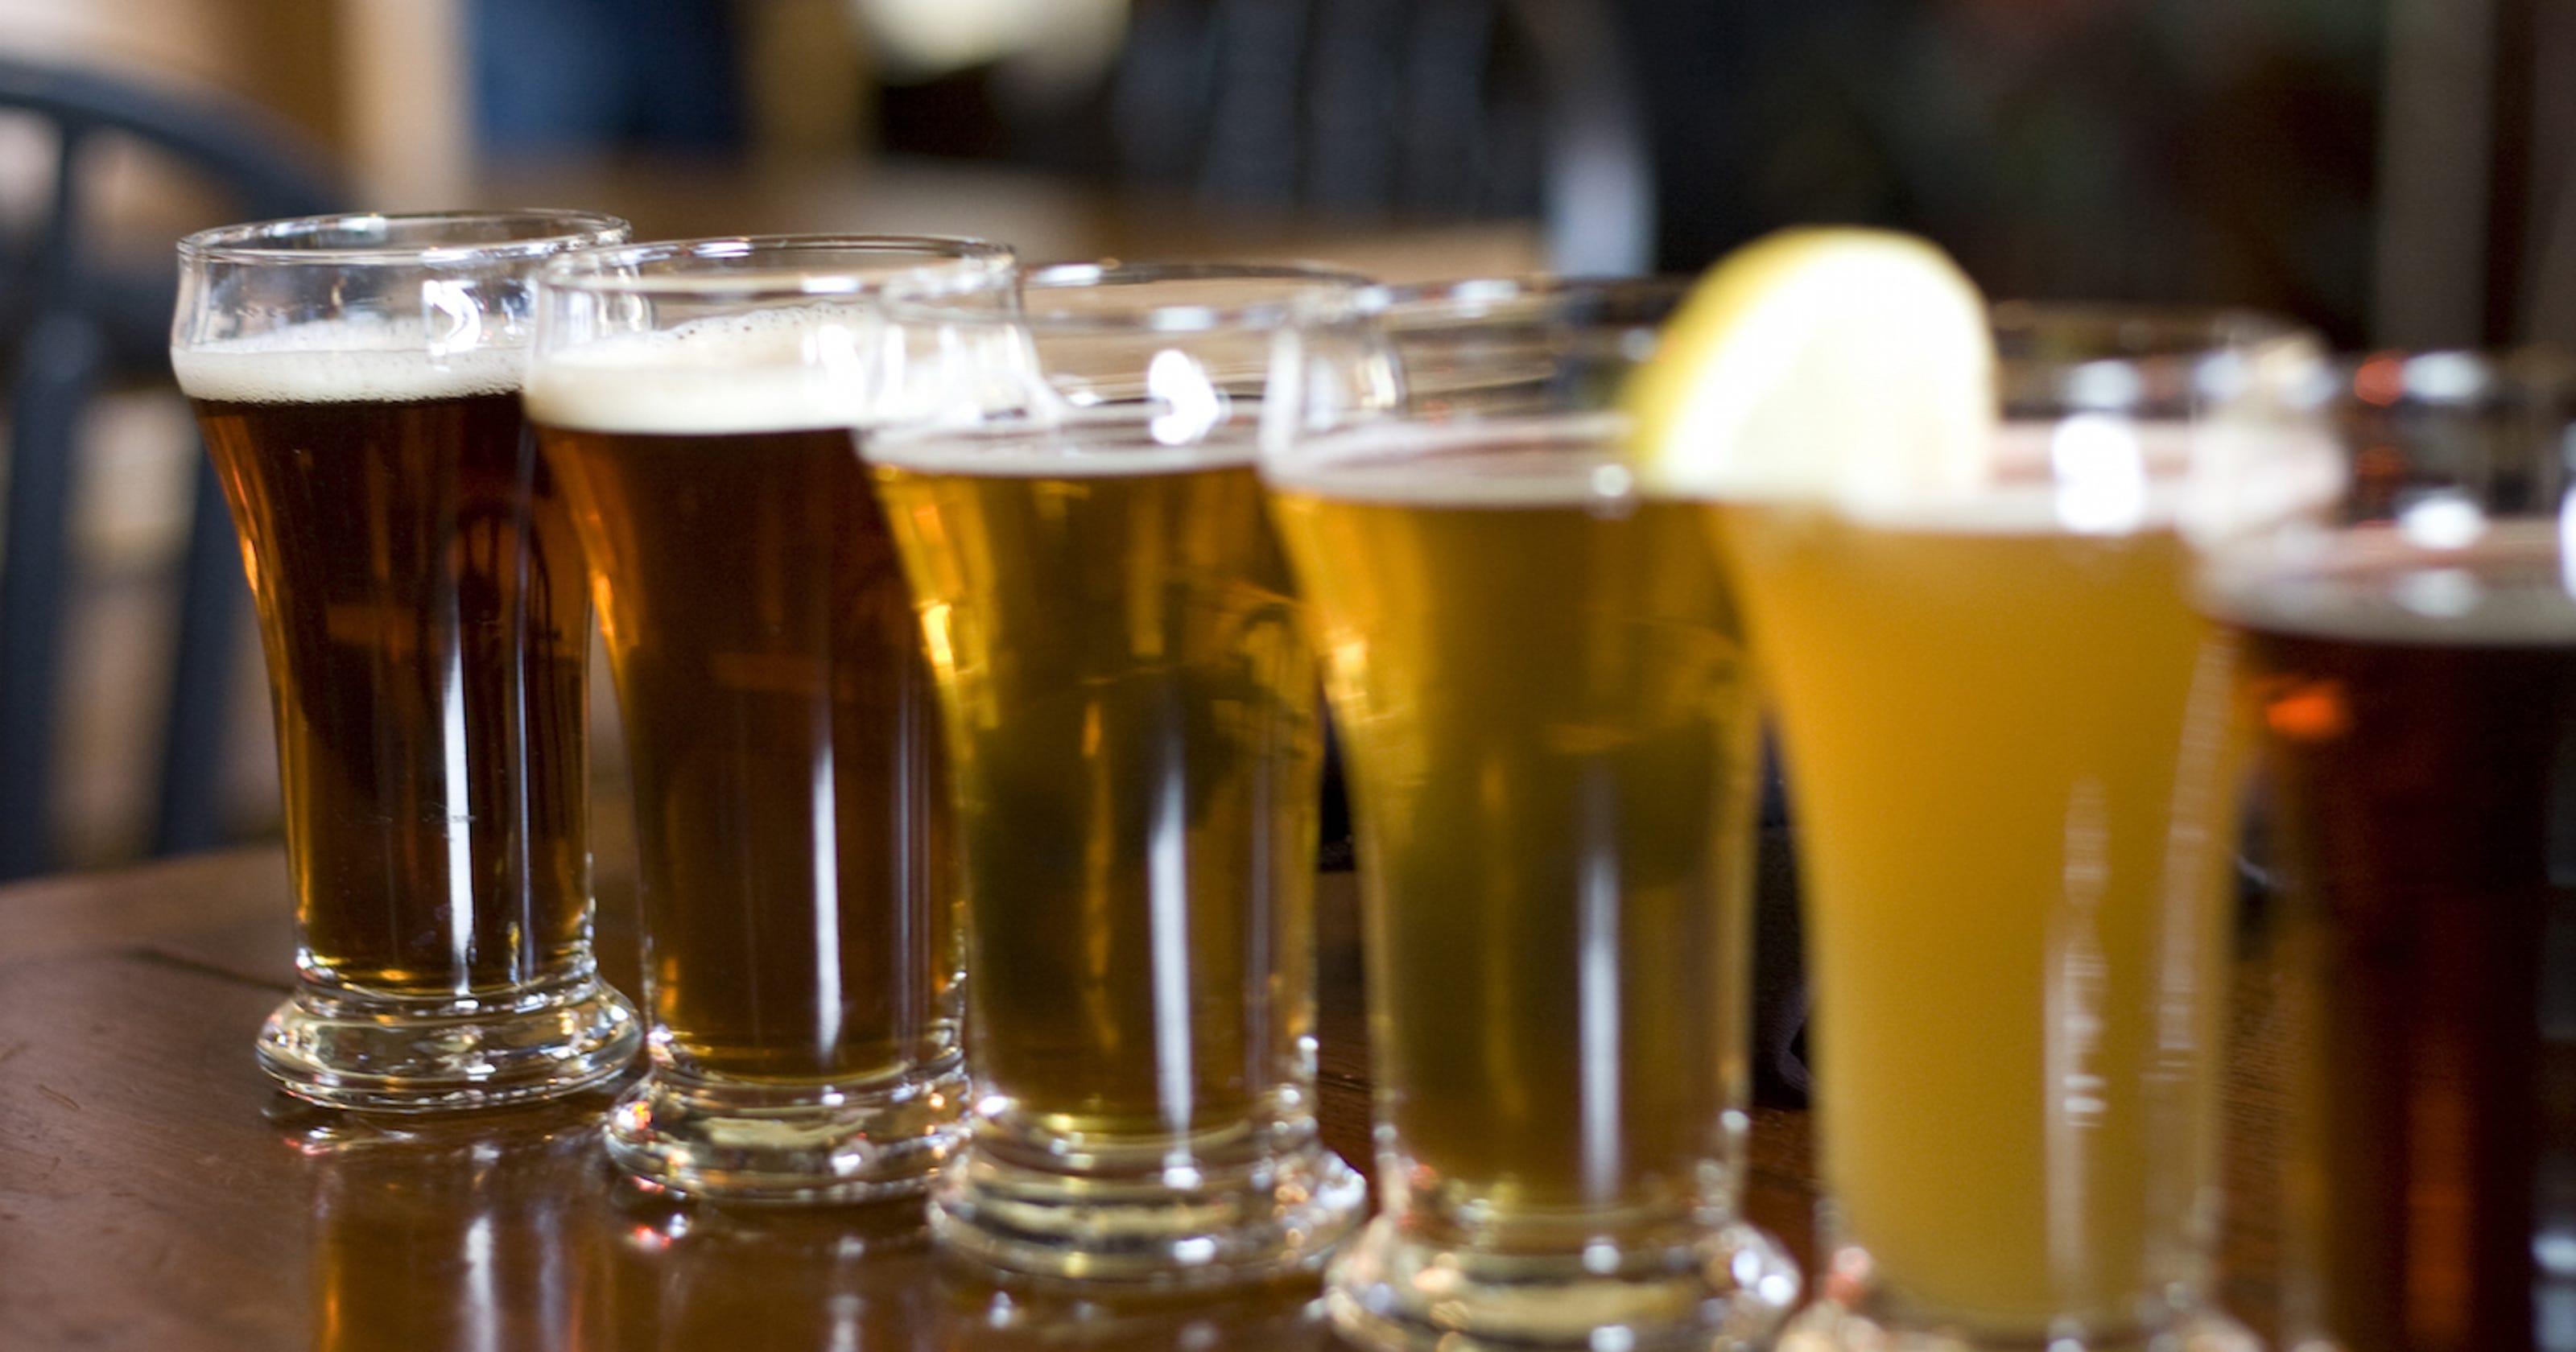 Pop-up beer garden headed to Germantown